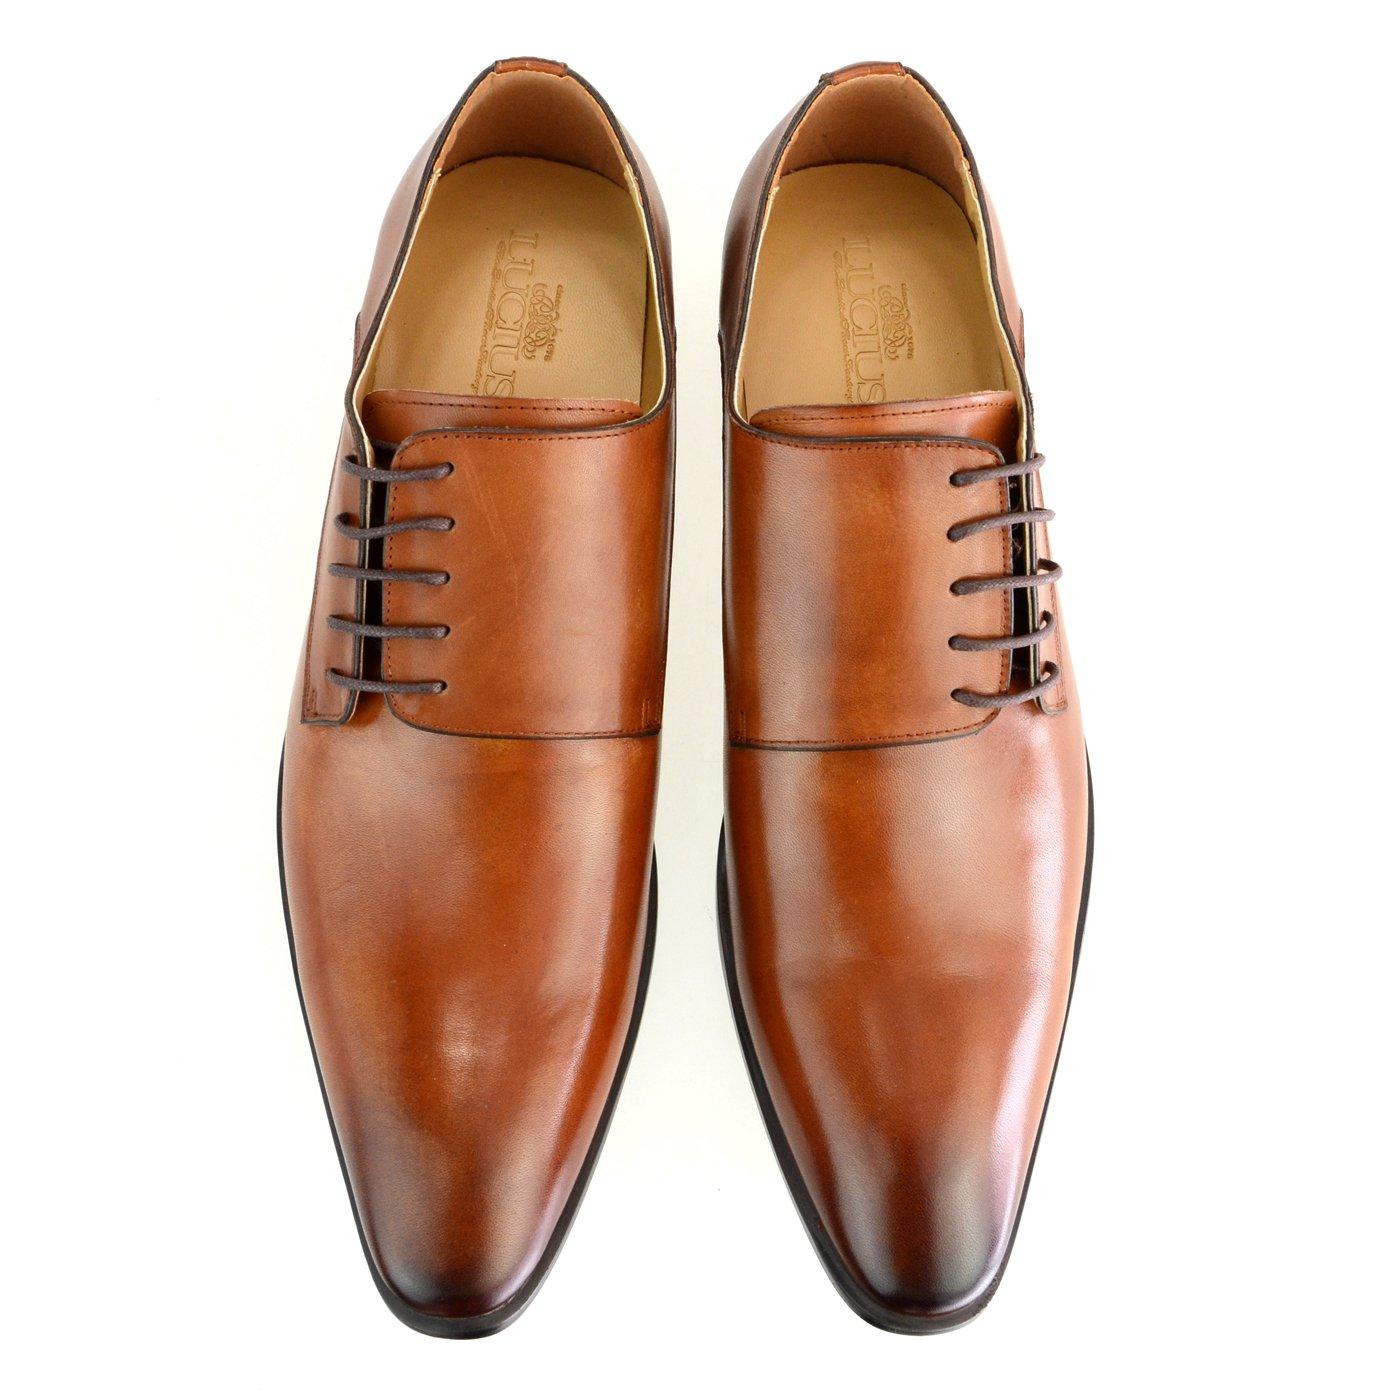 [ルシウス] LUCIUS ビジネスシューズ メンズ 革靴 外羽根 サイドレースアップ 本革 レザー ドレスシューズ プレーントゥ 紳士靴 【LLT78-2-CPZ】 B07F1L6WBD 24.5 cm 3E ブラウン ブラウン 24.5 cm 3E